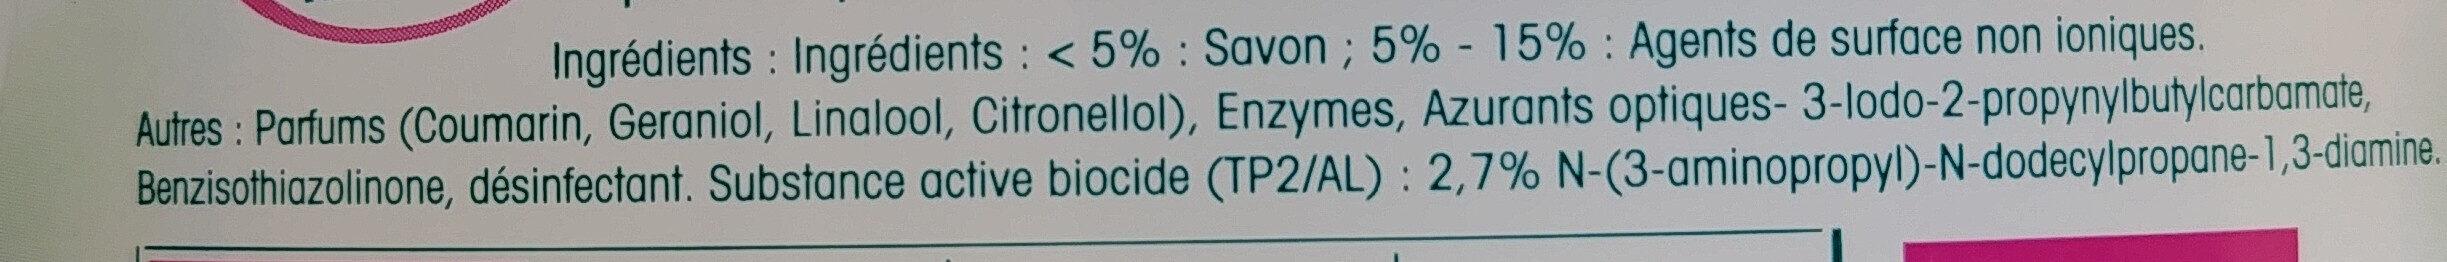 Sanytol - Ingredients